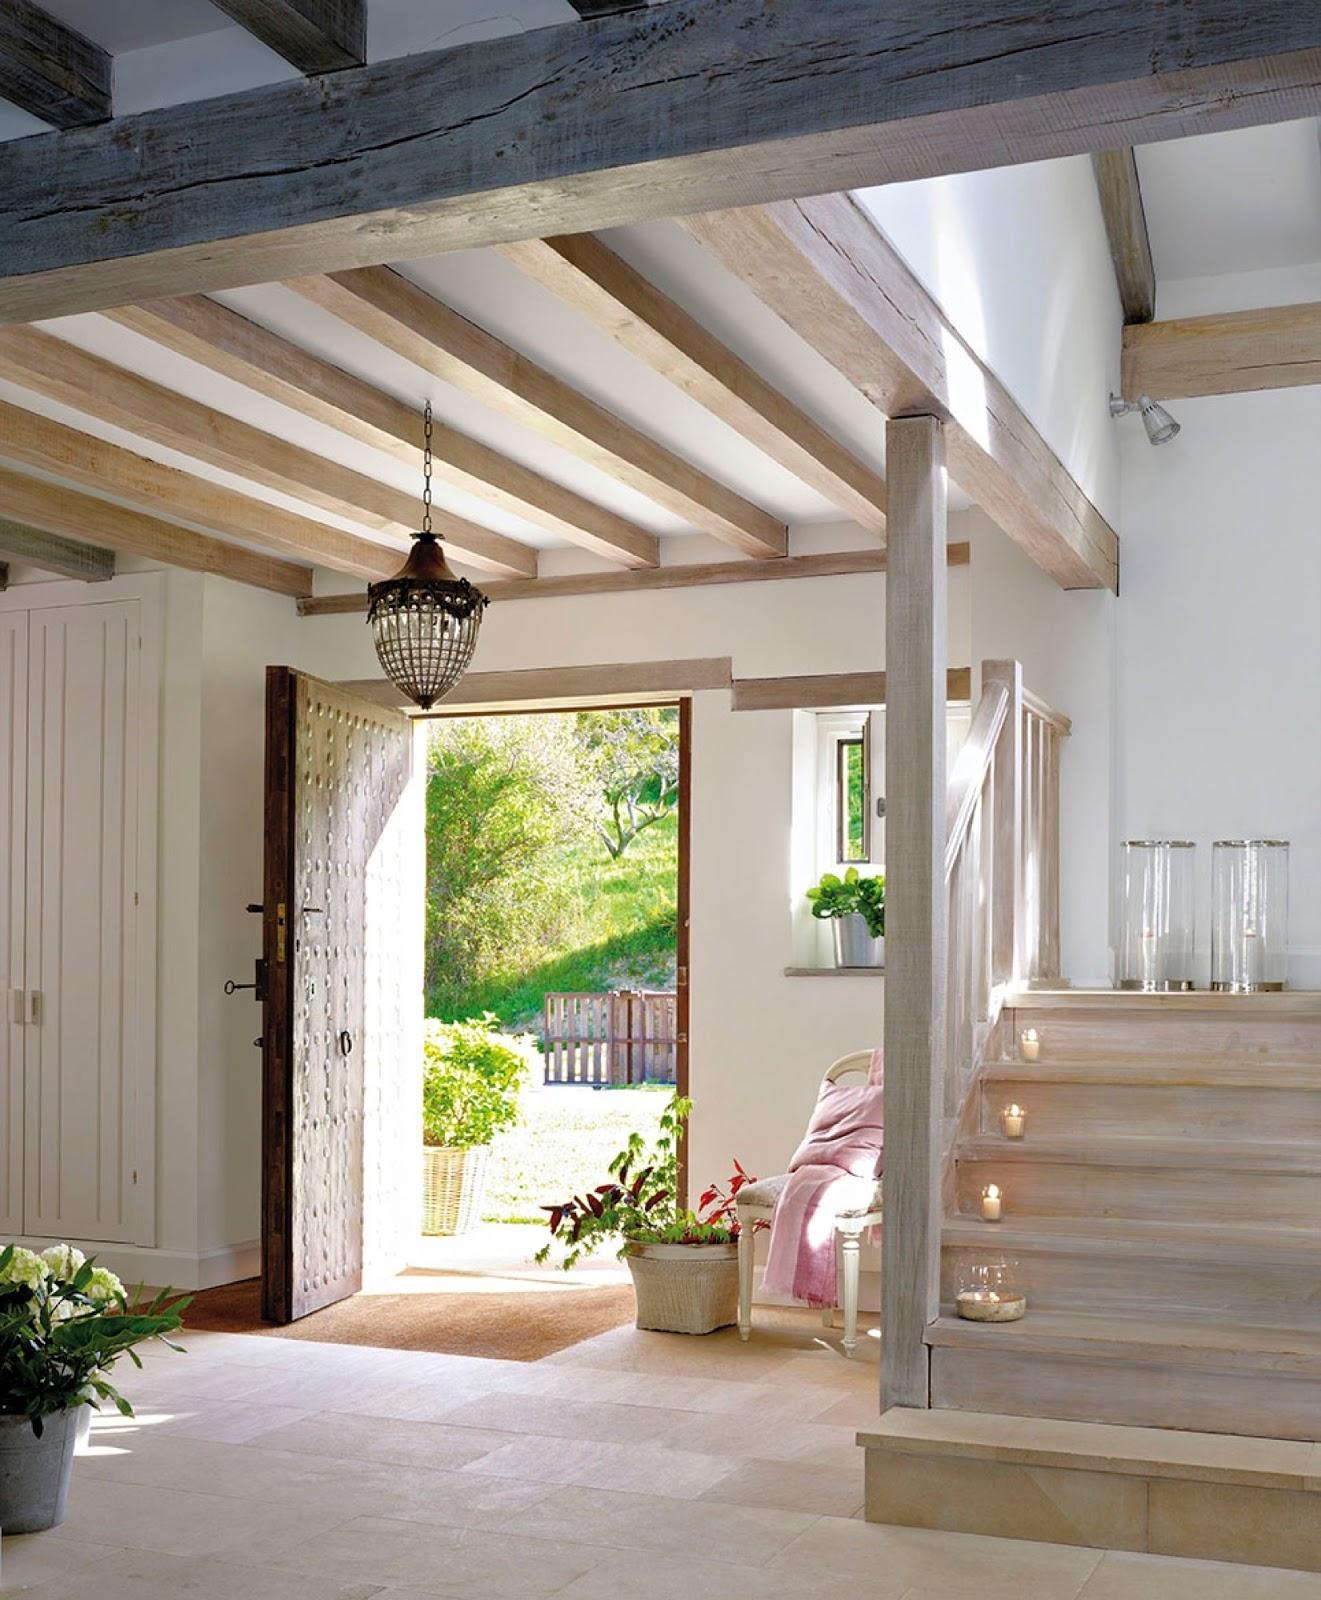 El rebedor welcome home estil de vida decoraci - Ideas decoracion rustica ...